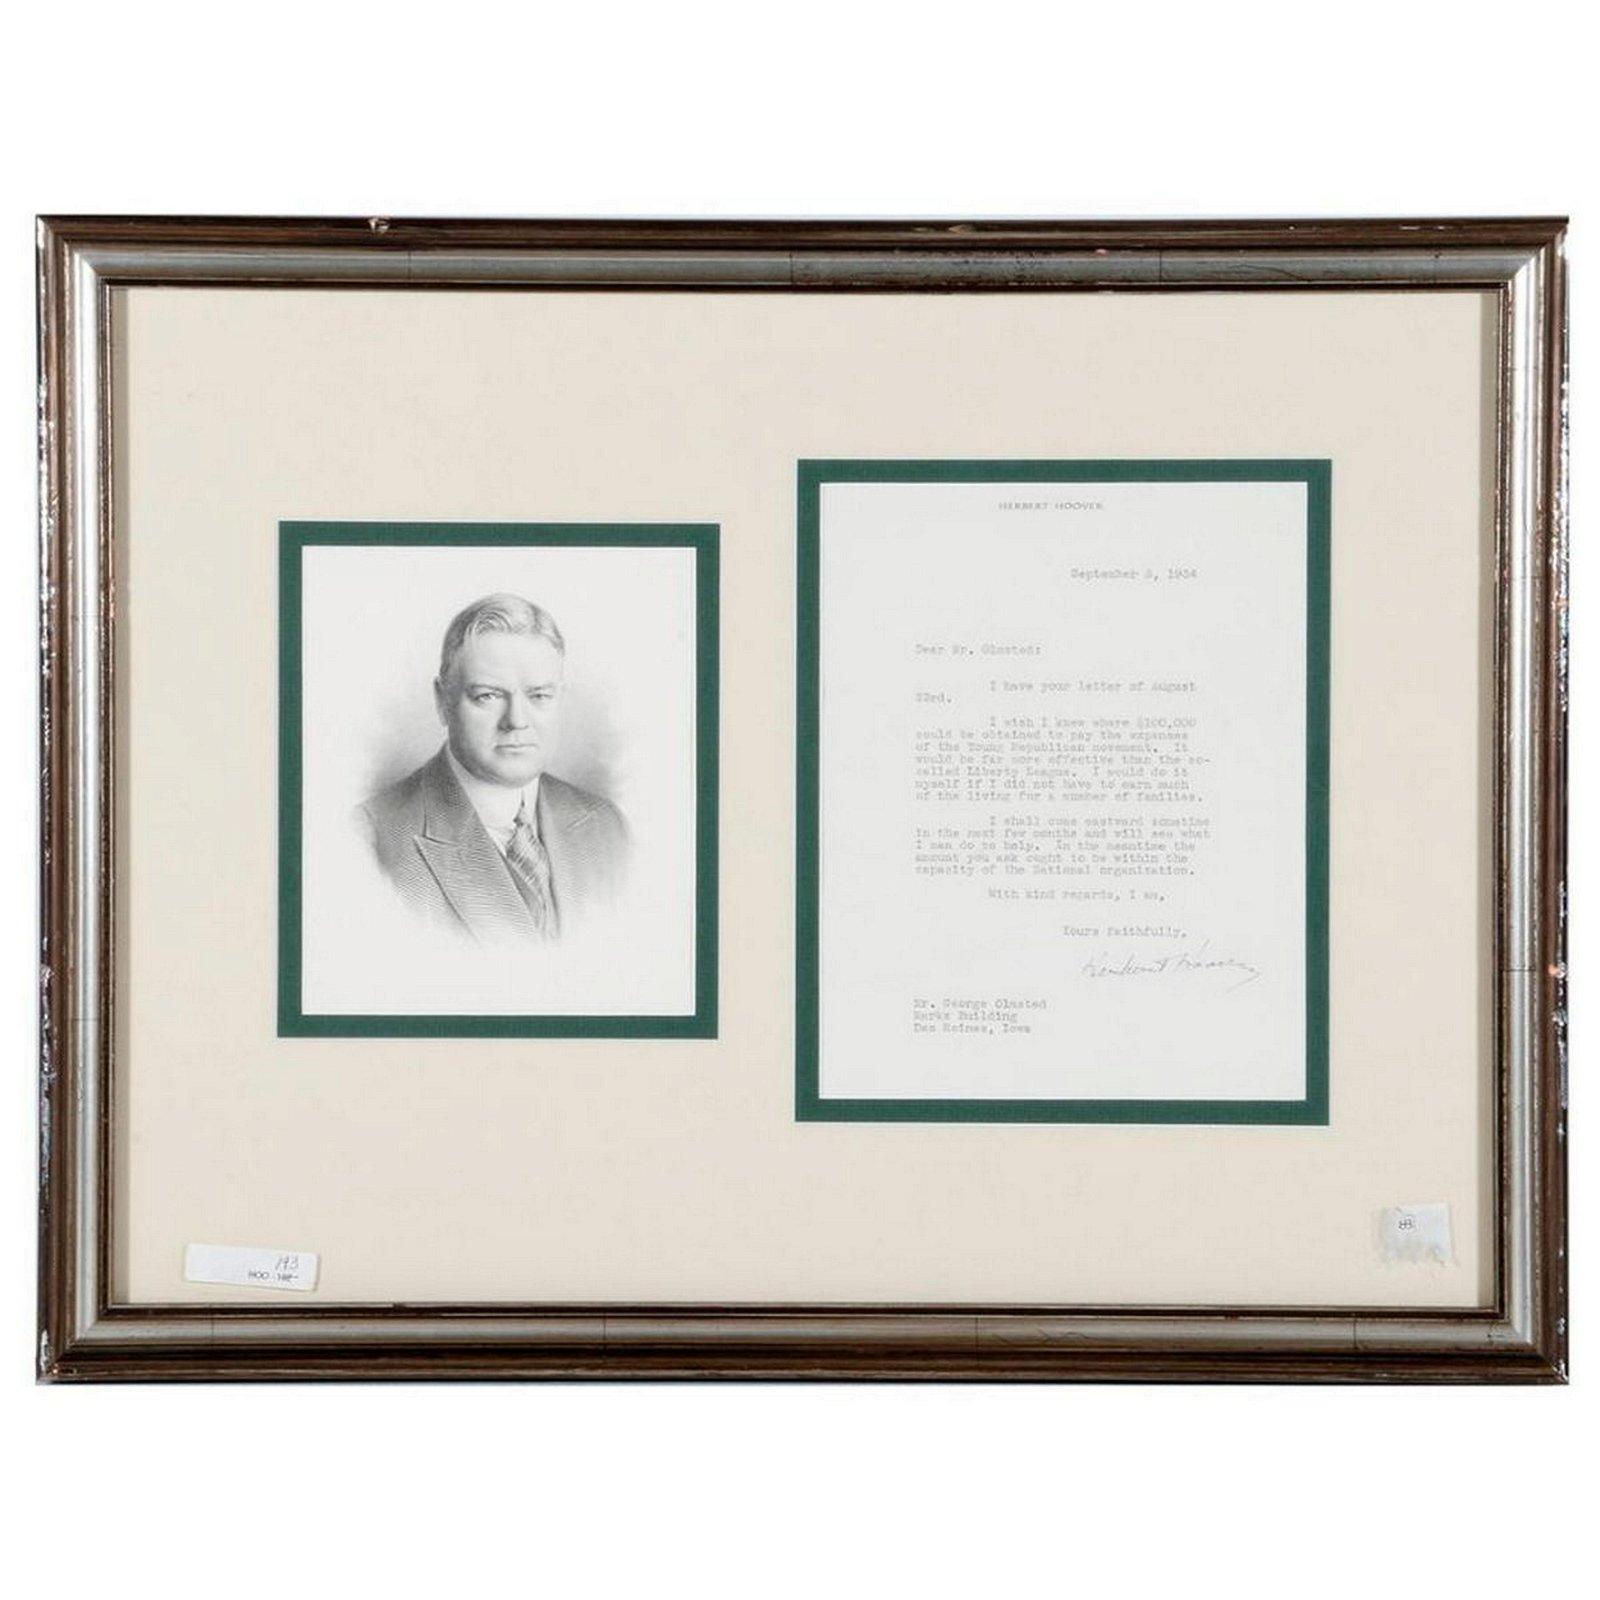 Signed letter by President Herbert Hoover.